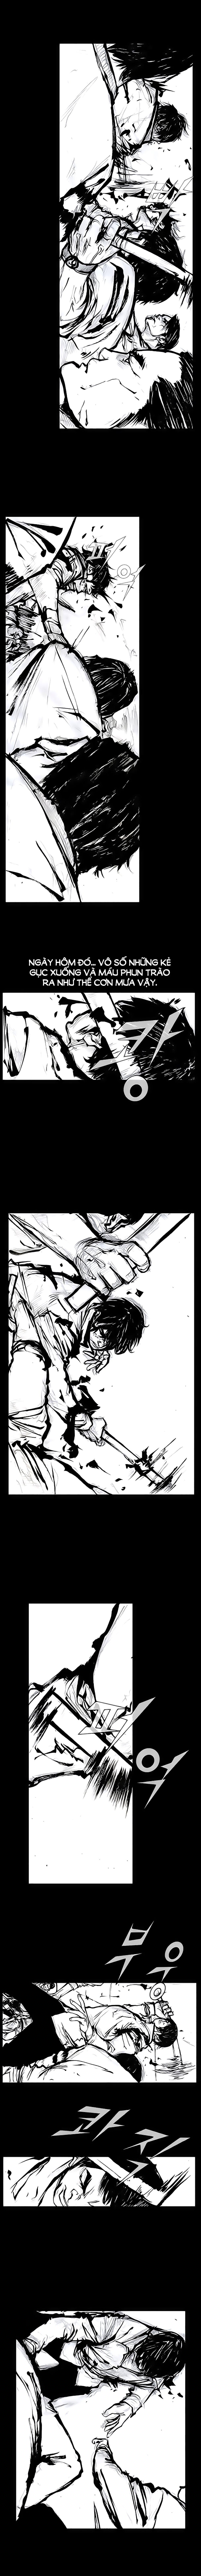 Máu Nhuốm Giang Hồ | Blood Rain chap 65 - Trang 5